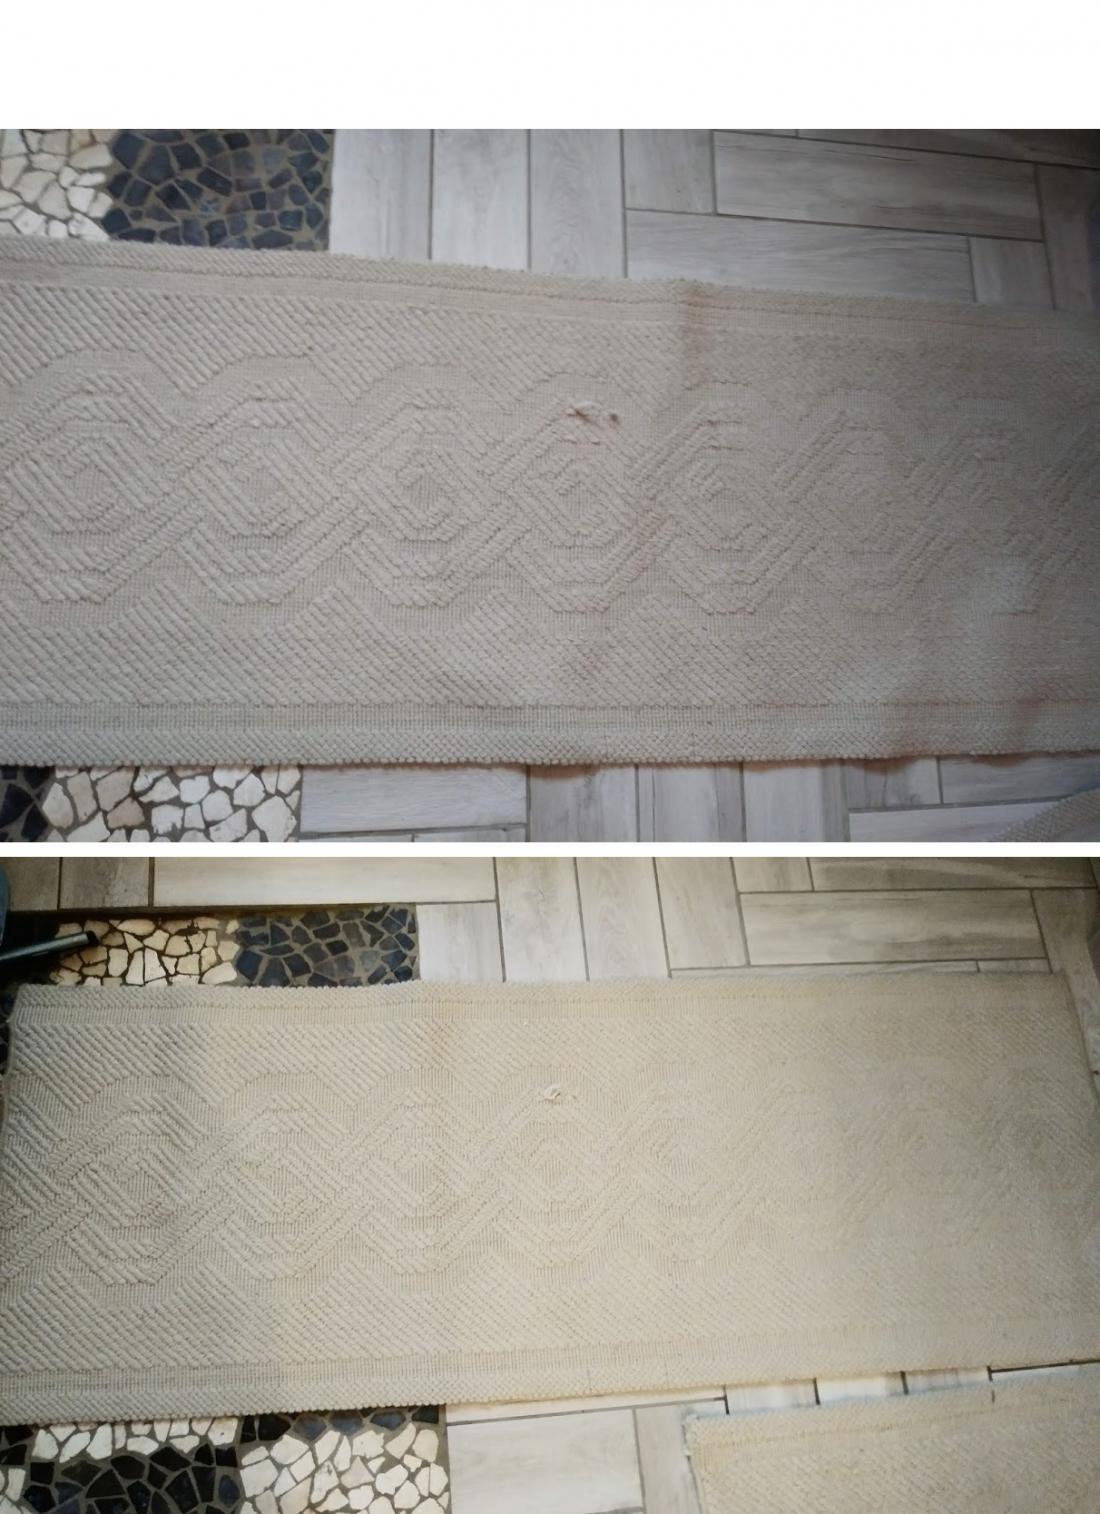 Zgoraj je preproga prej in na sliki spodaj po uporabi čistila. Najboljši učinek čistila je bil prijeten vonj.